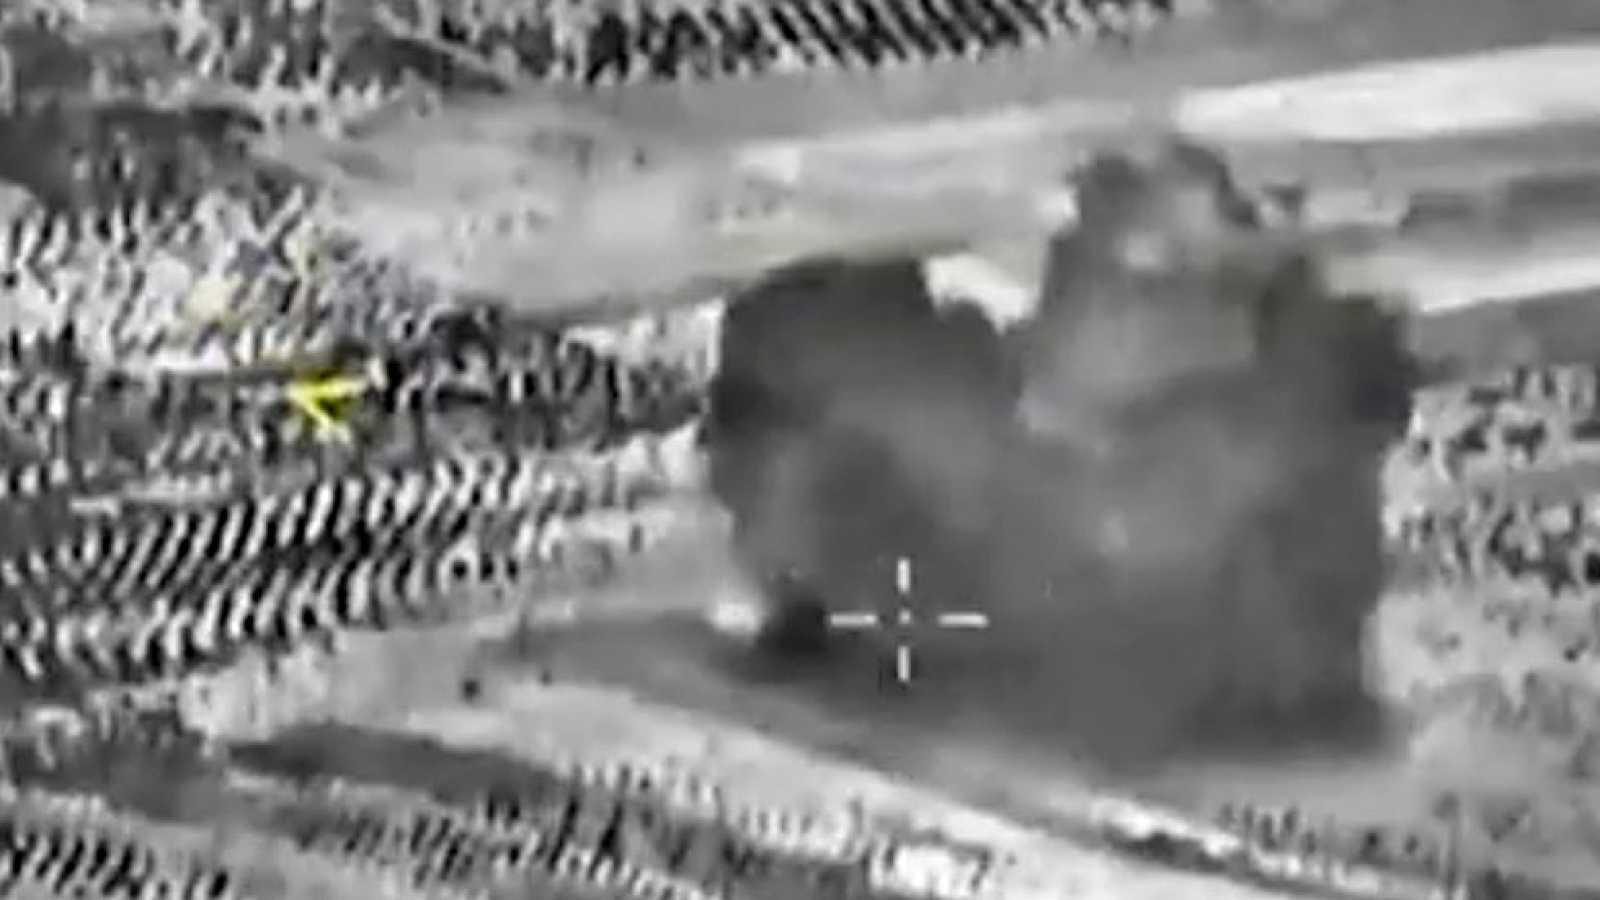 Rusia bombardea Raqqa, la capital del califato y cuartel general del Estado Islámico